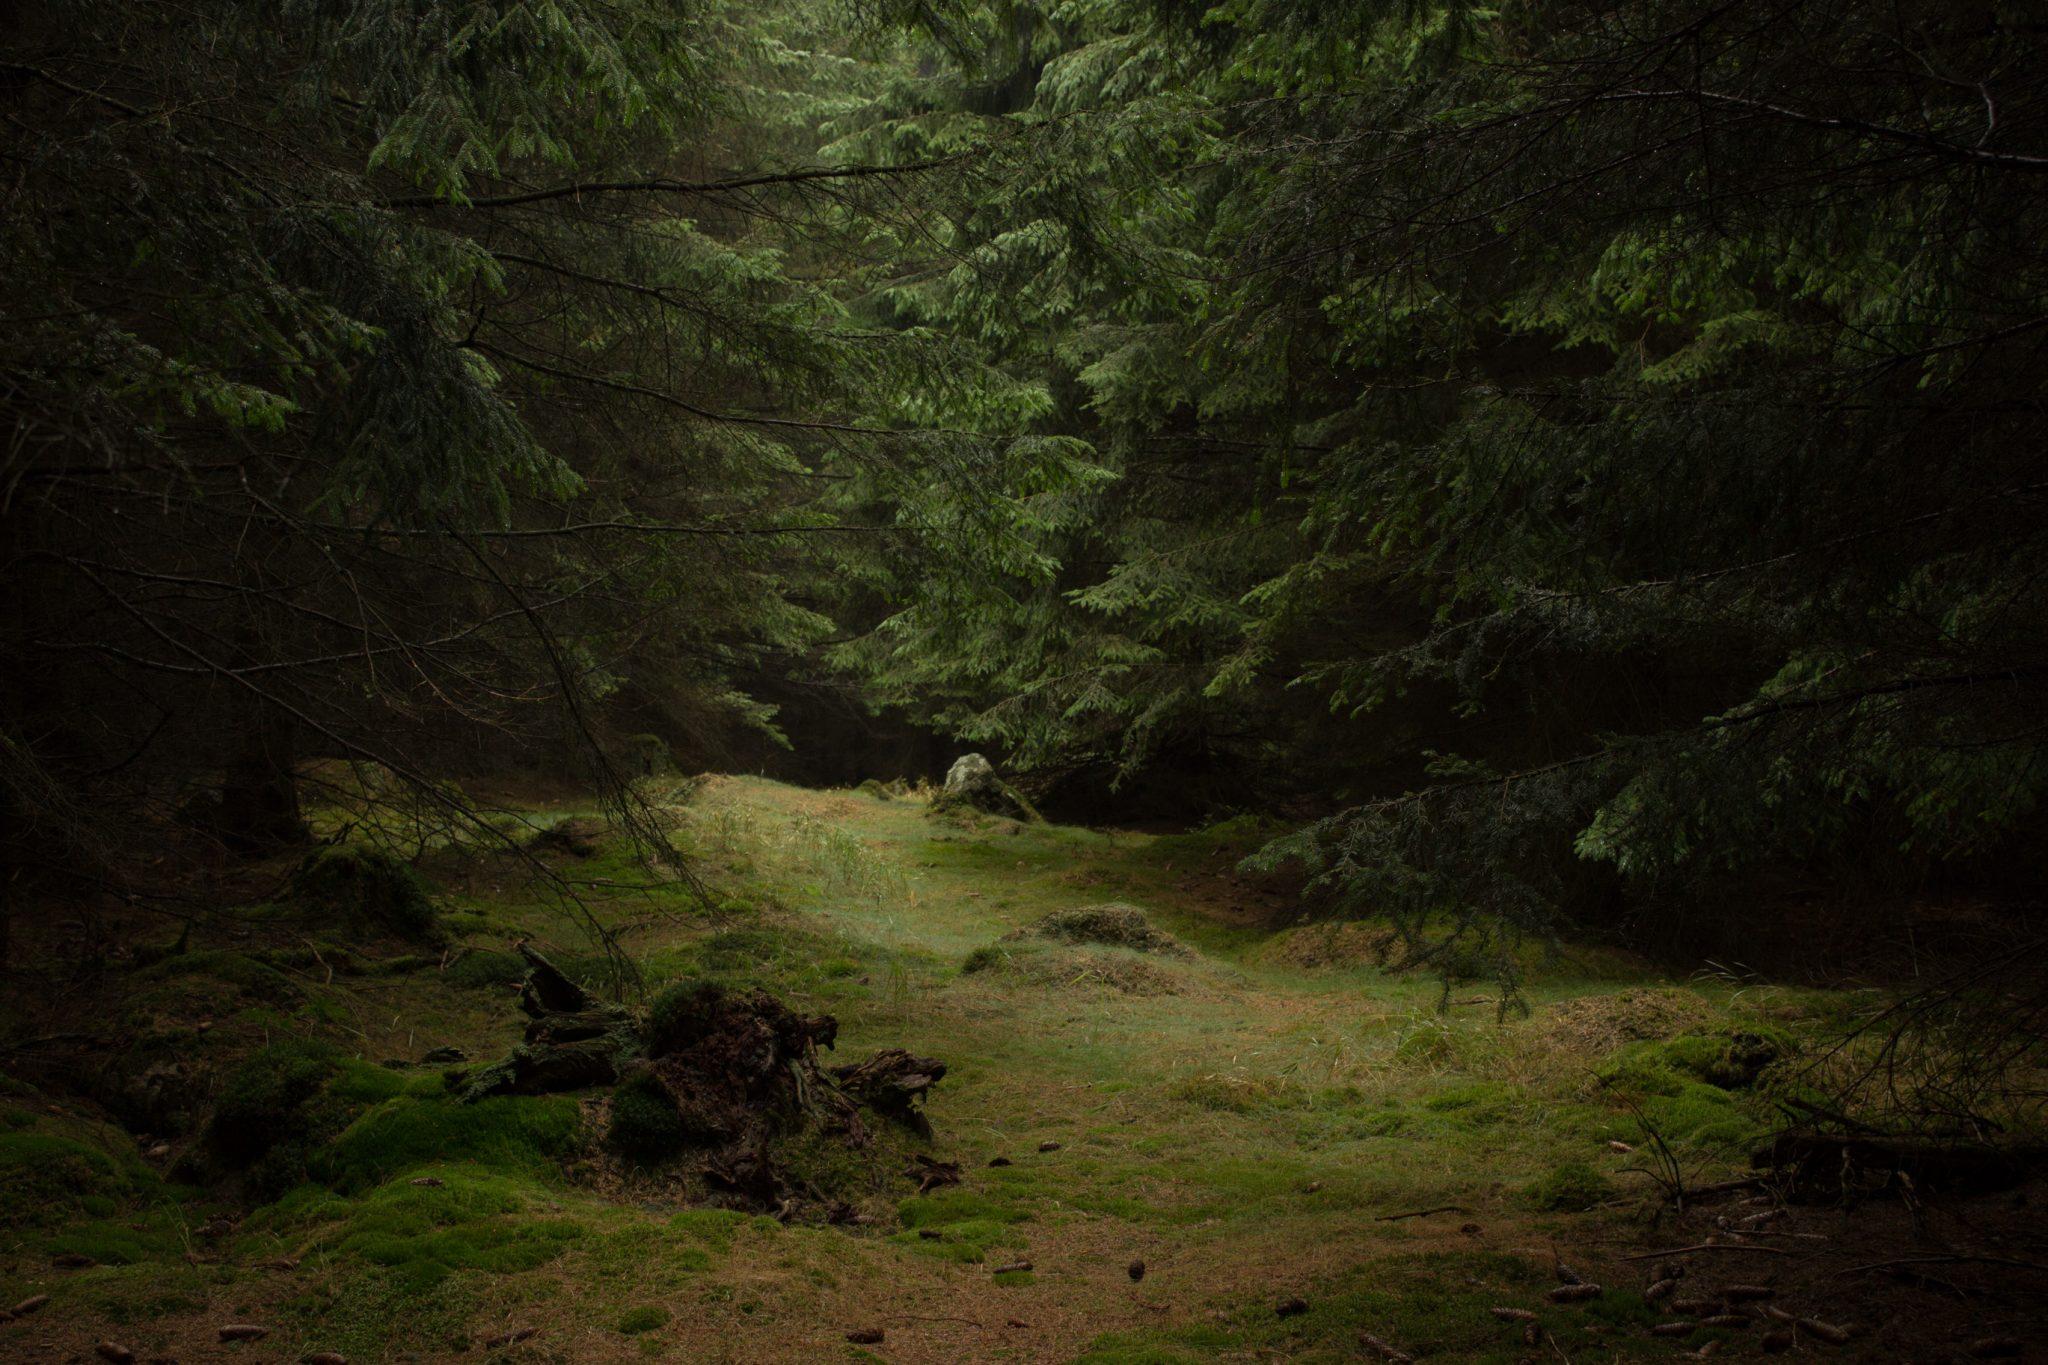 Wanderung Brocken über Heinrich-Heine-Weg Start in Ilsenburg, Nationalpark Harz, schmaler schöner Pfad zum Scharfenstein durch dichten Wald